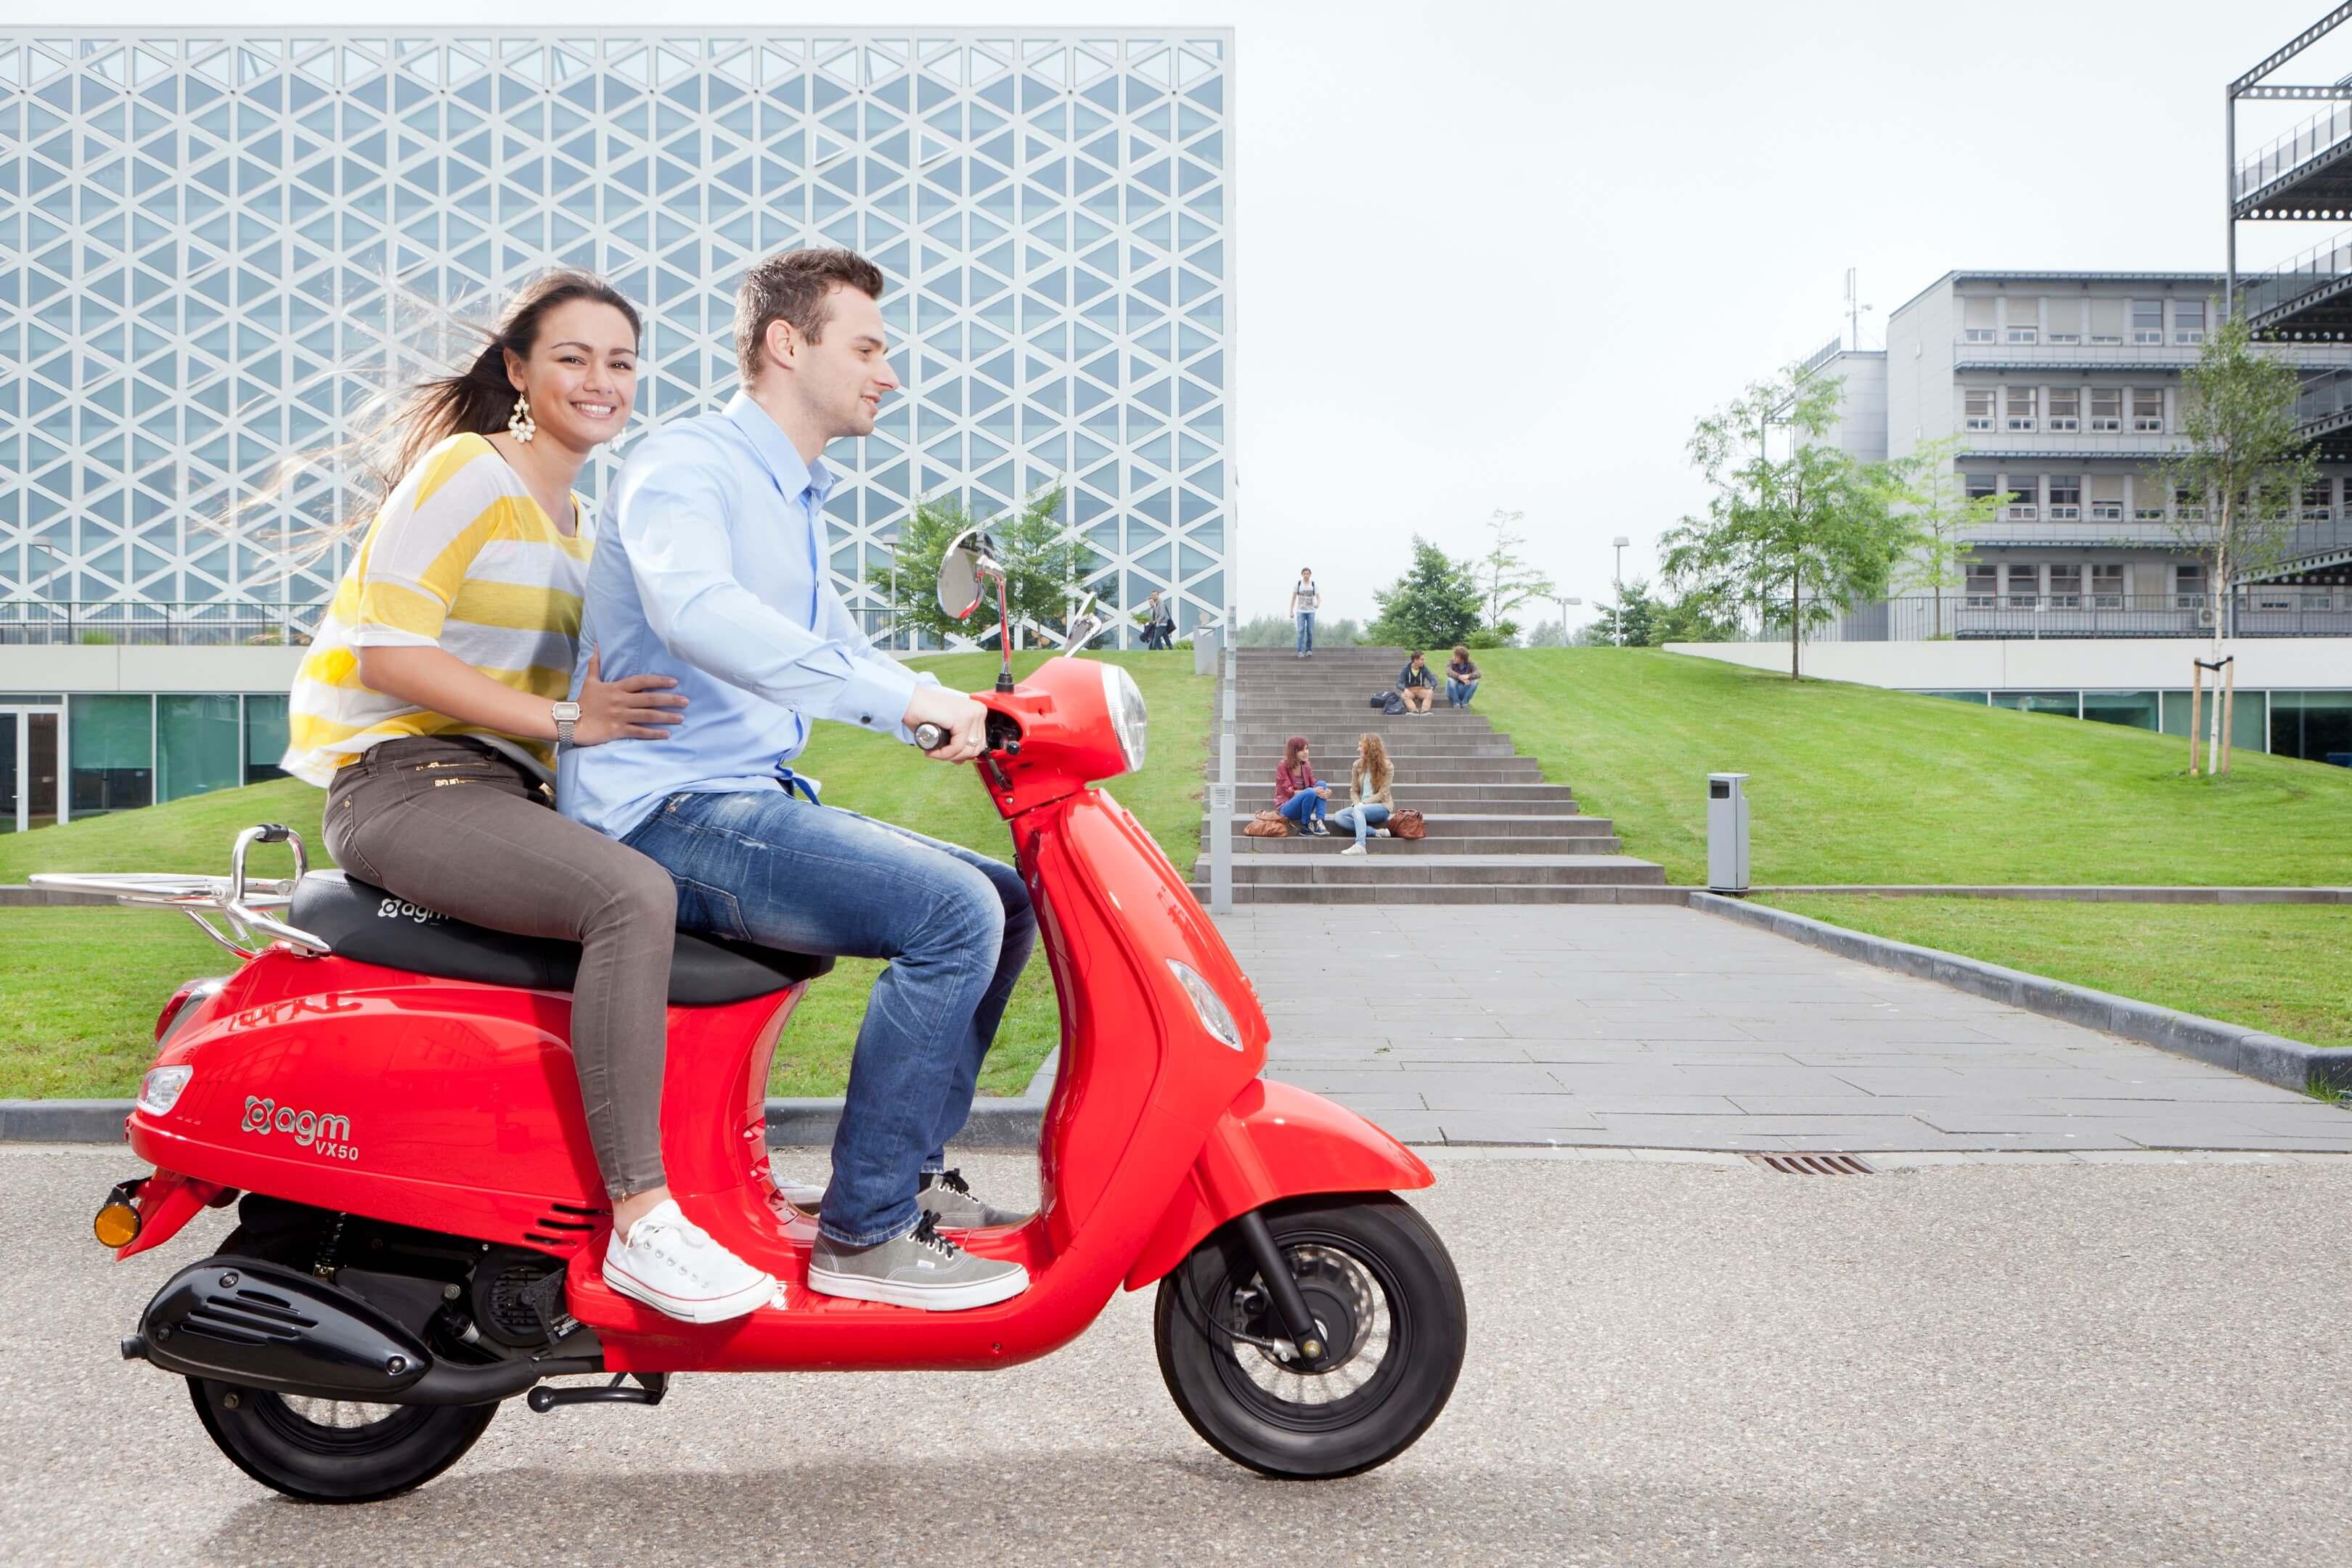 Jurjen Poeles Fotografie hogeschool Windesheim openlag campagne studenten scooter citaat Om je dromen waar te maken moet je eerst wakker worden